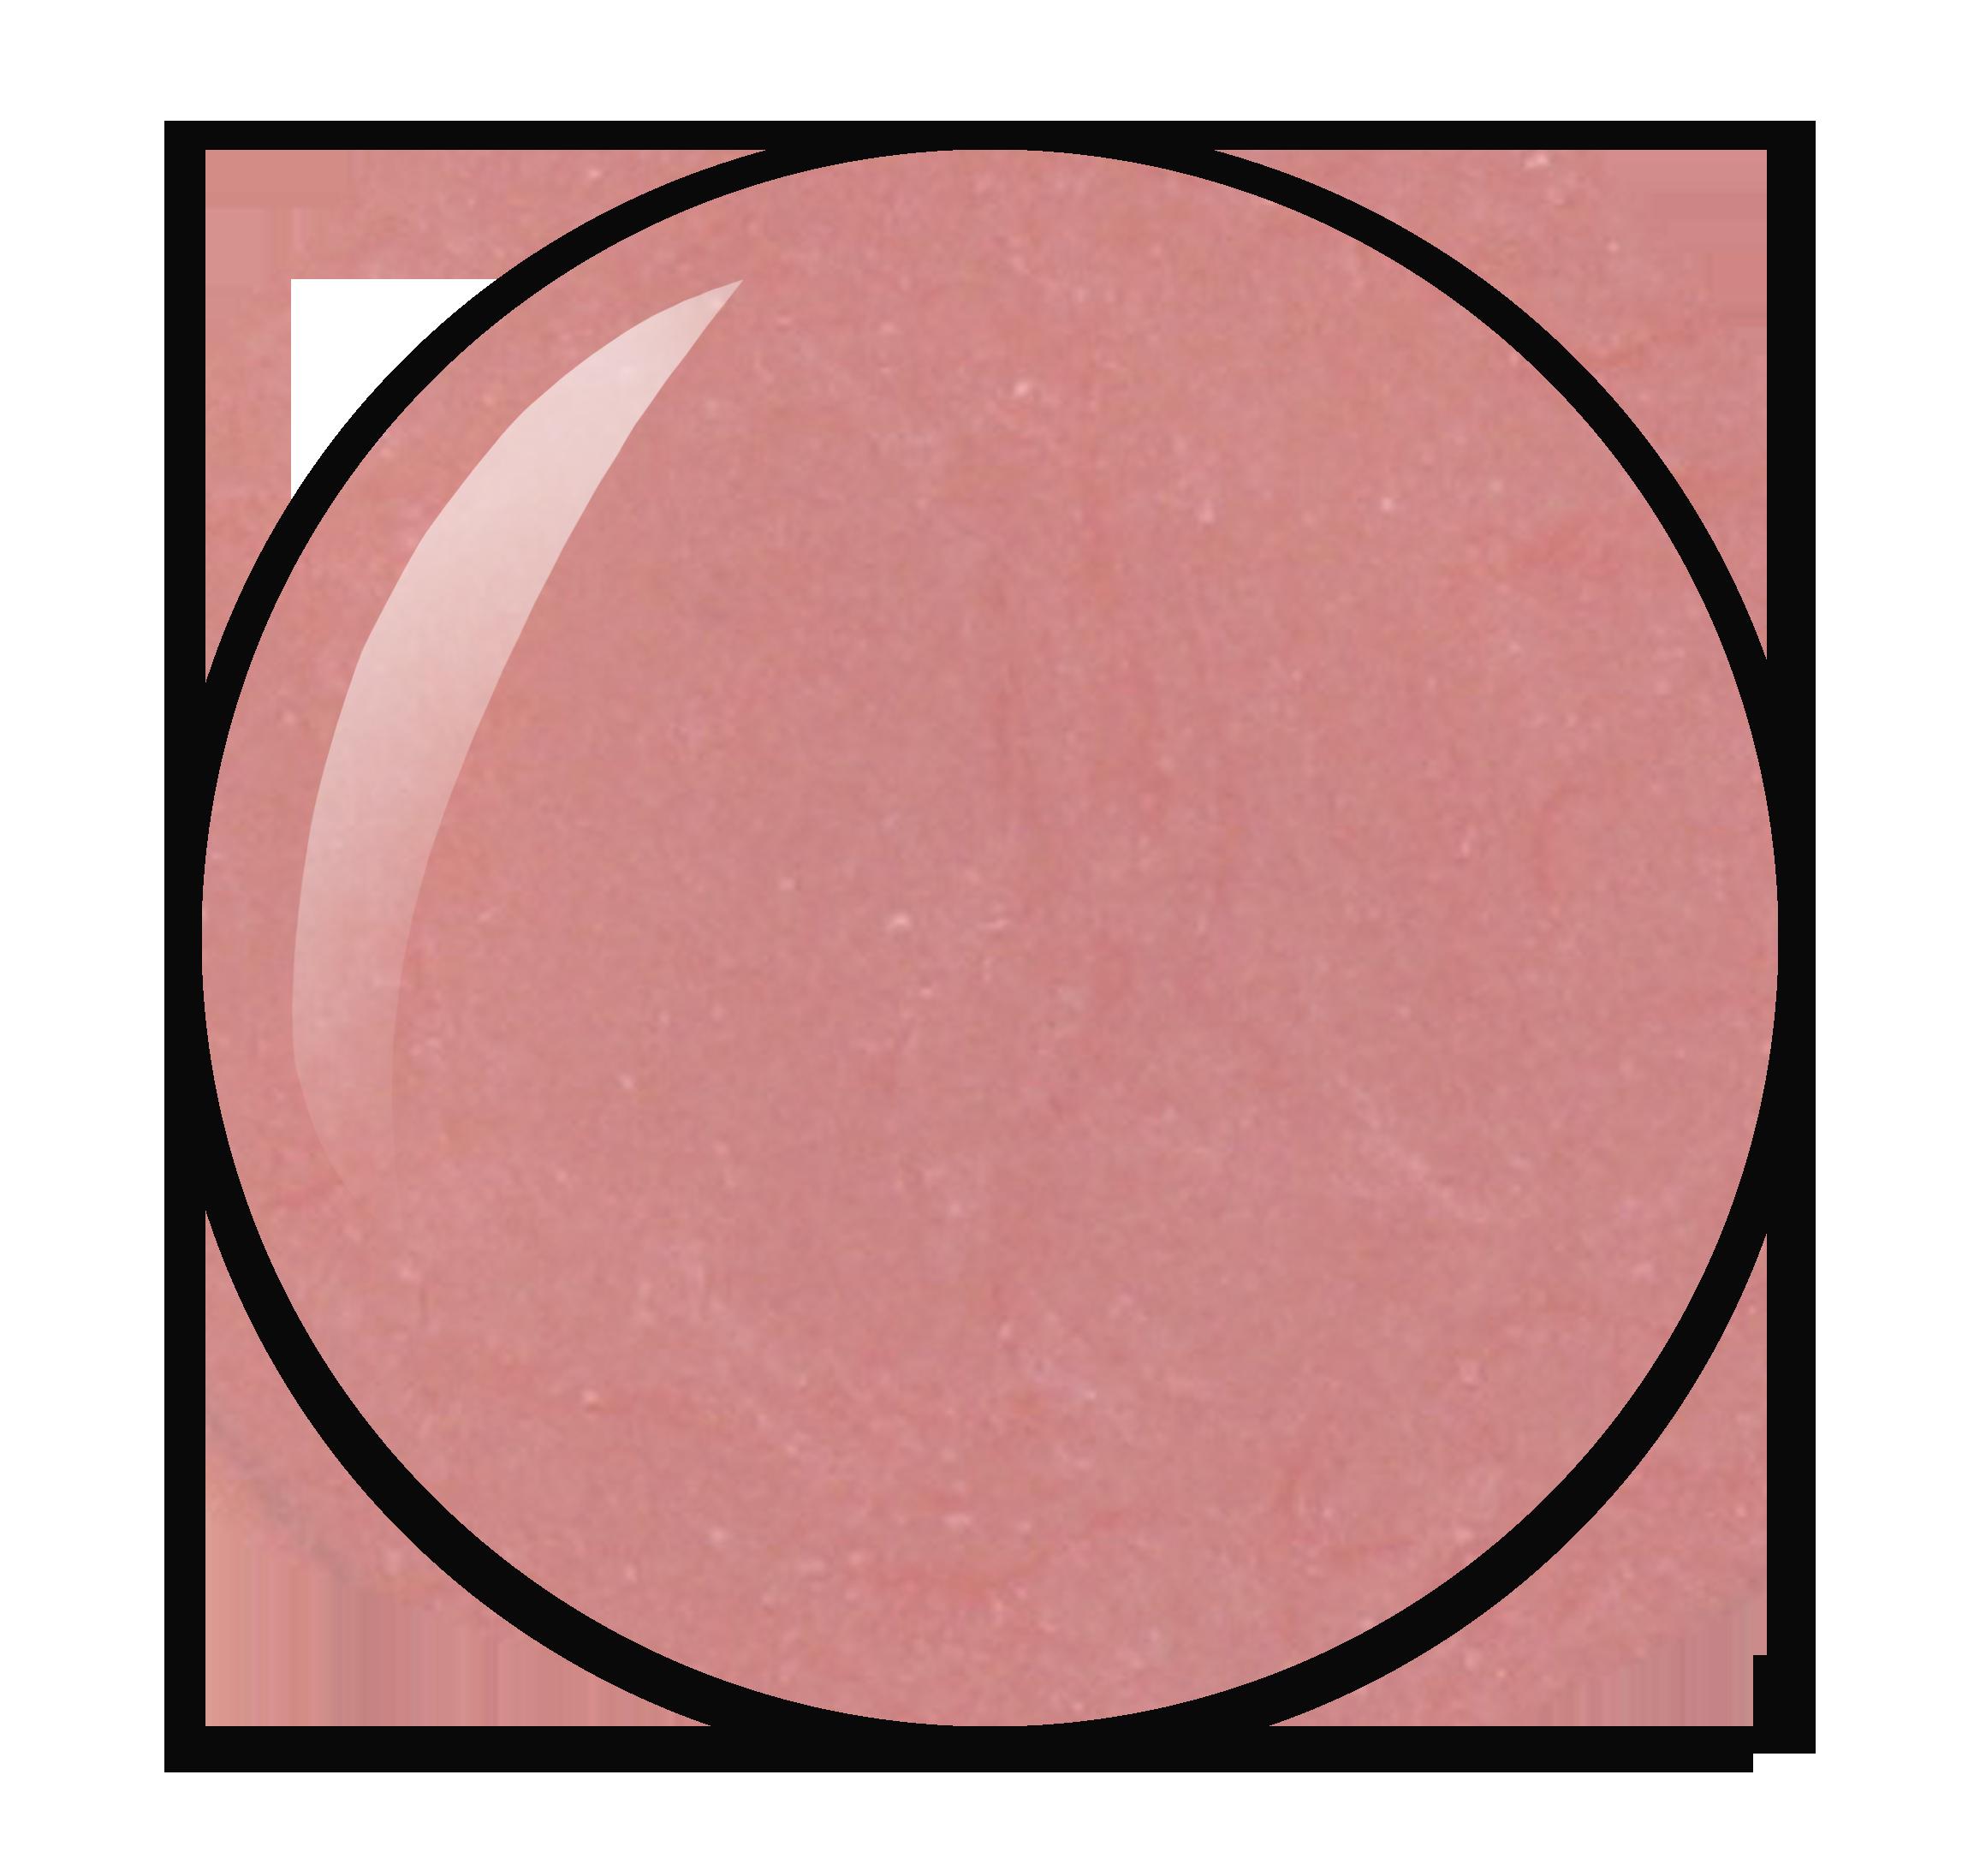 Herôme roze nagellak nummer 95 uit de nagellak collectie